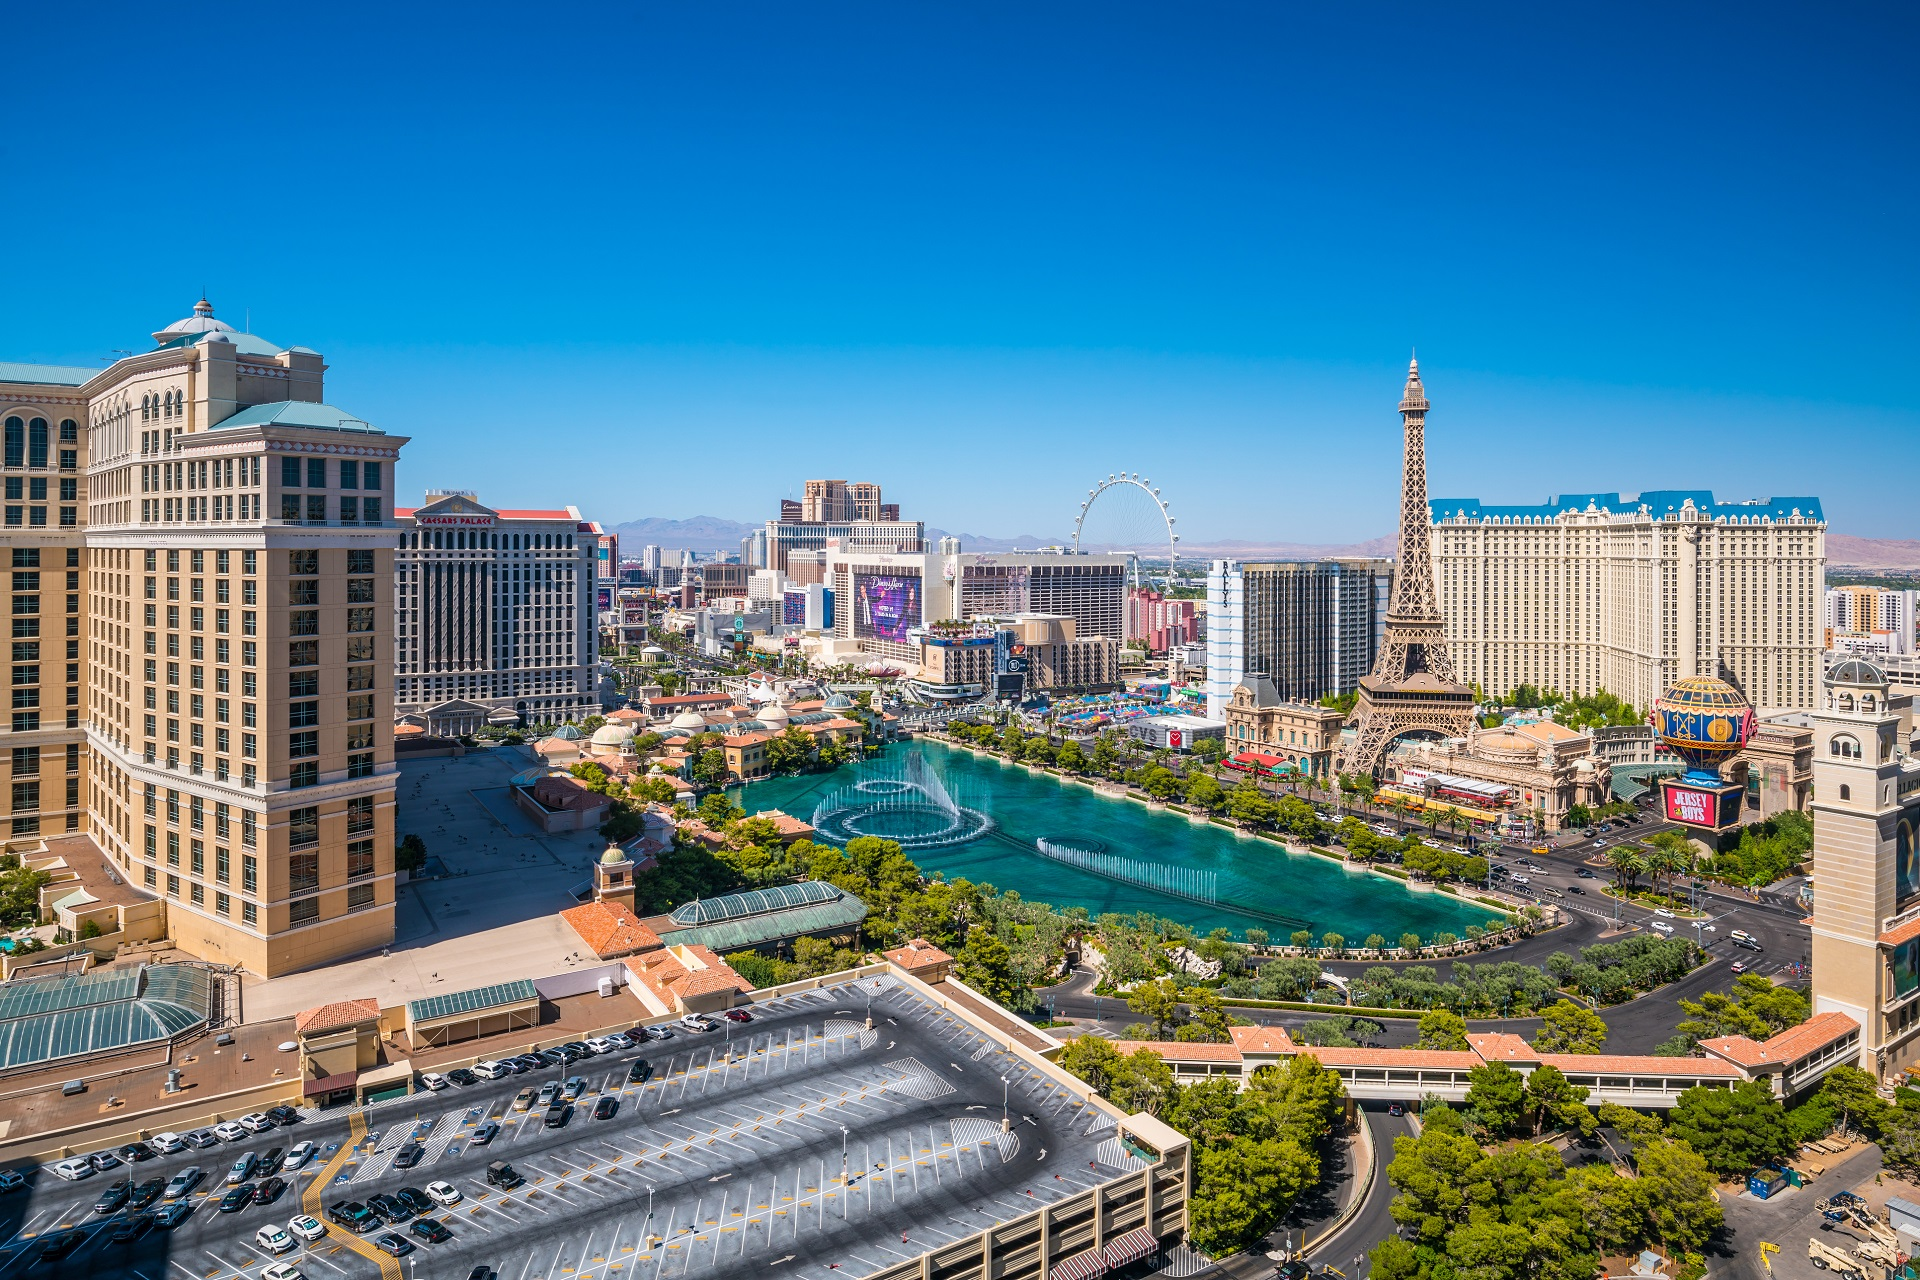 AusflГјge Von Las Vegas